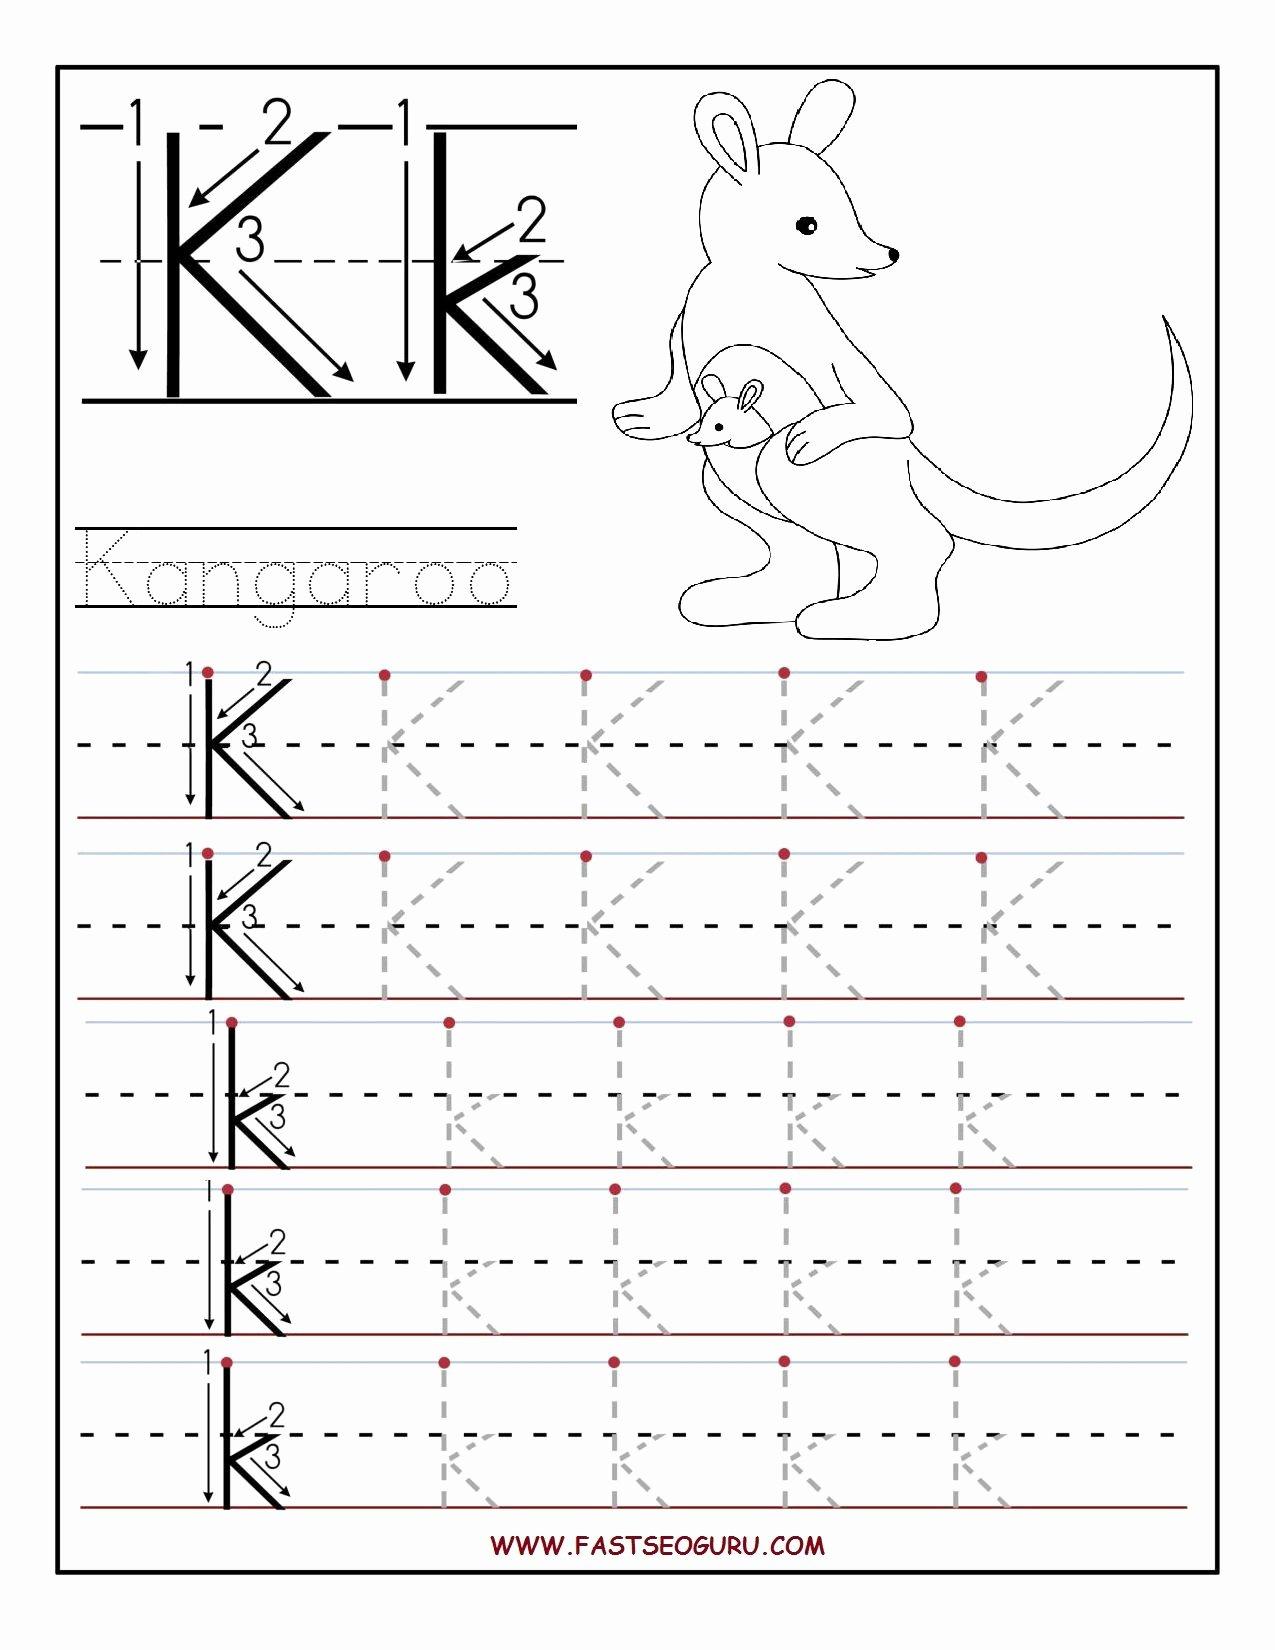 The Letter K Worksheets for Preschoolers Best Of Math Worksheet Printable Letter K Tracing Worksheets for